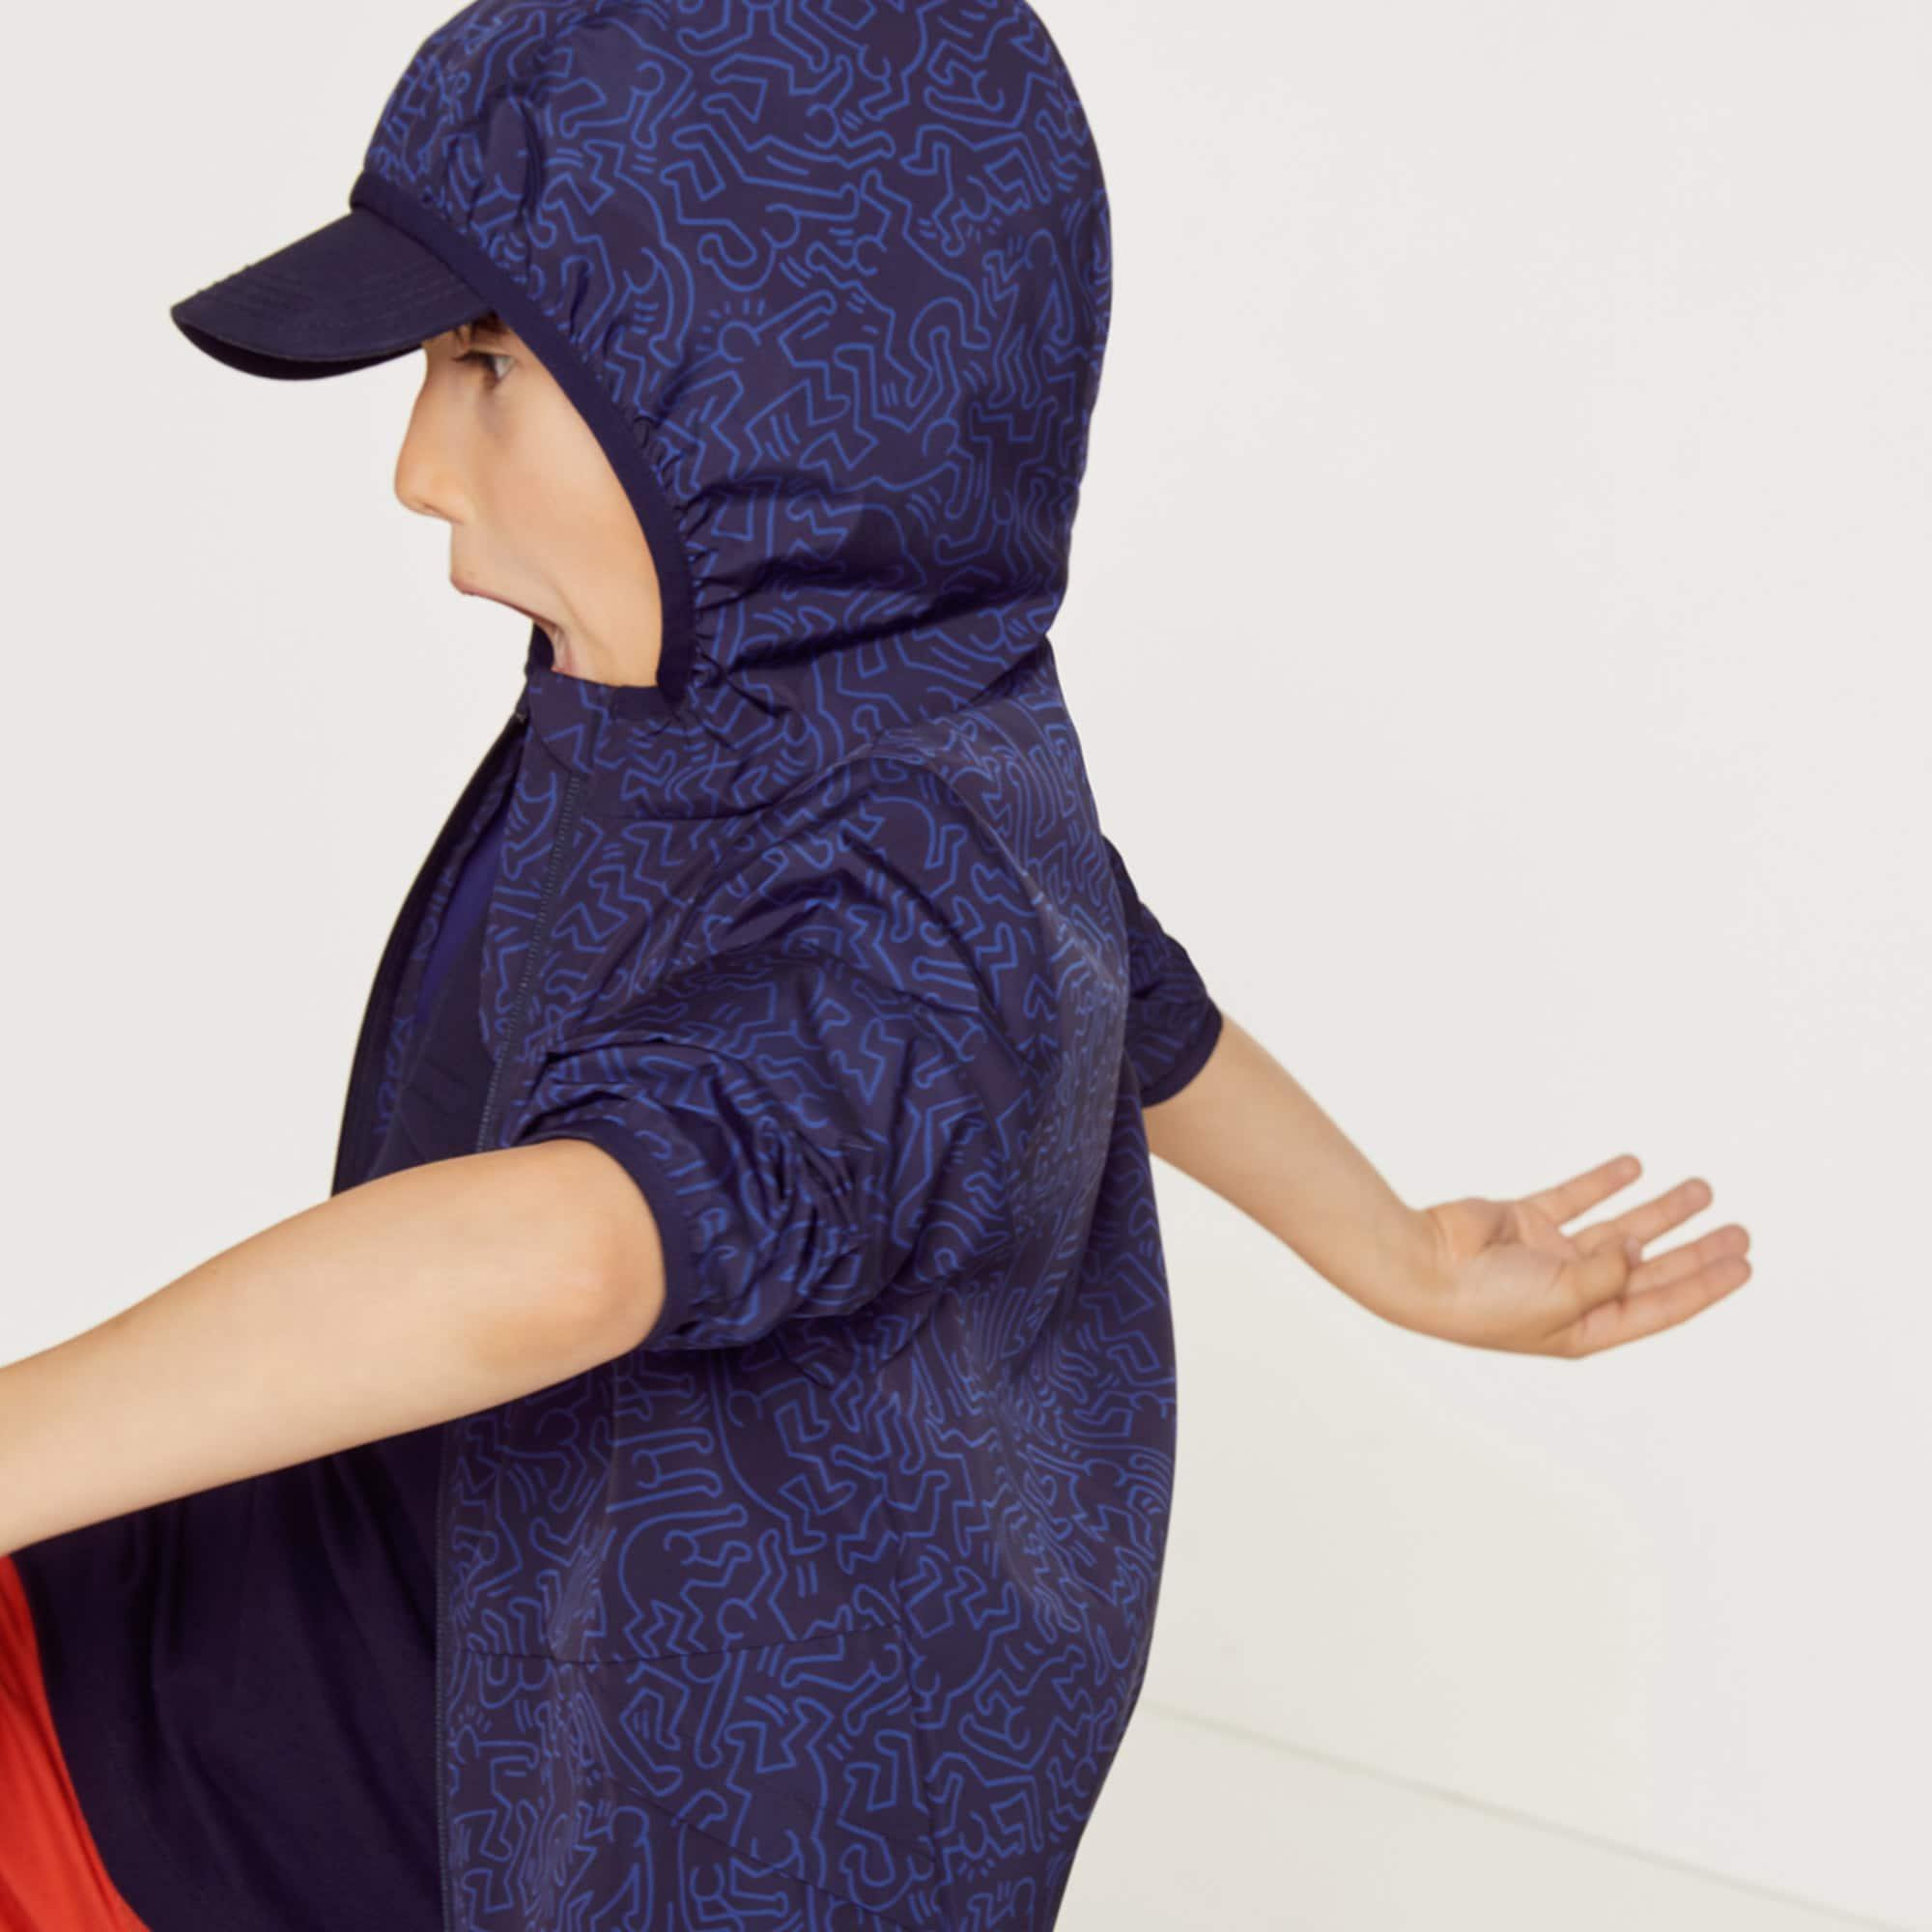 Joggingbroek Met Rits Jongens.All Kids Items Kids Fashion Lacoste